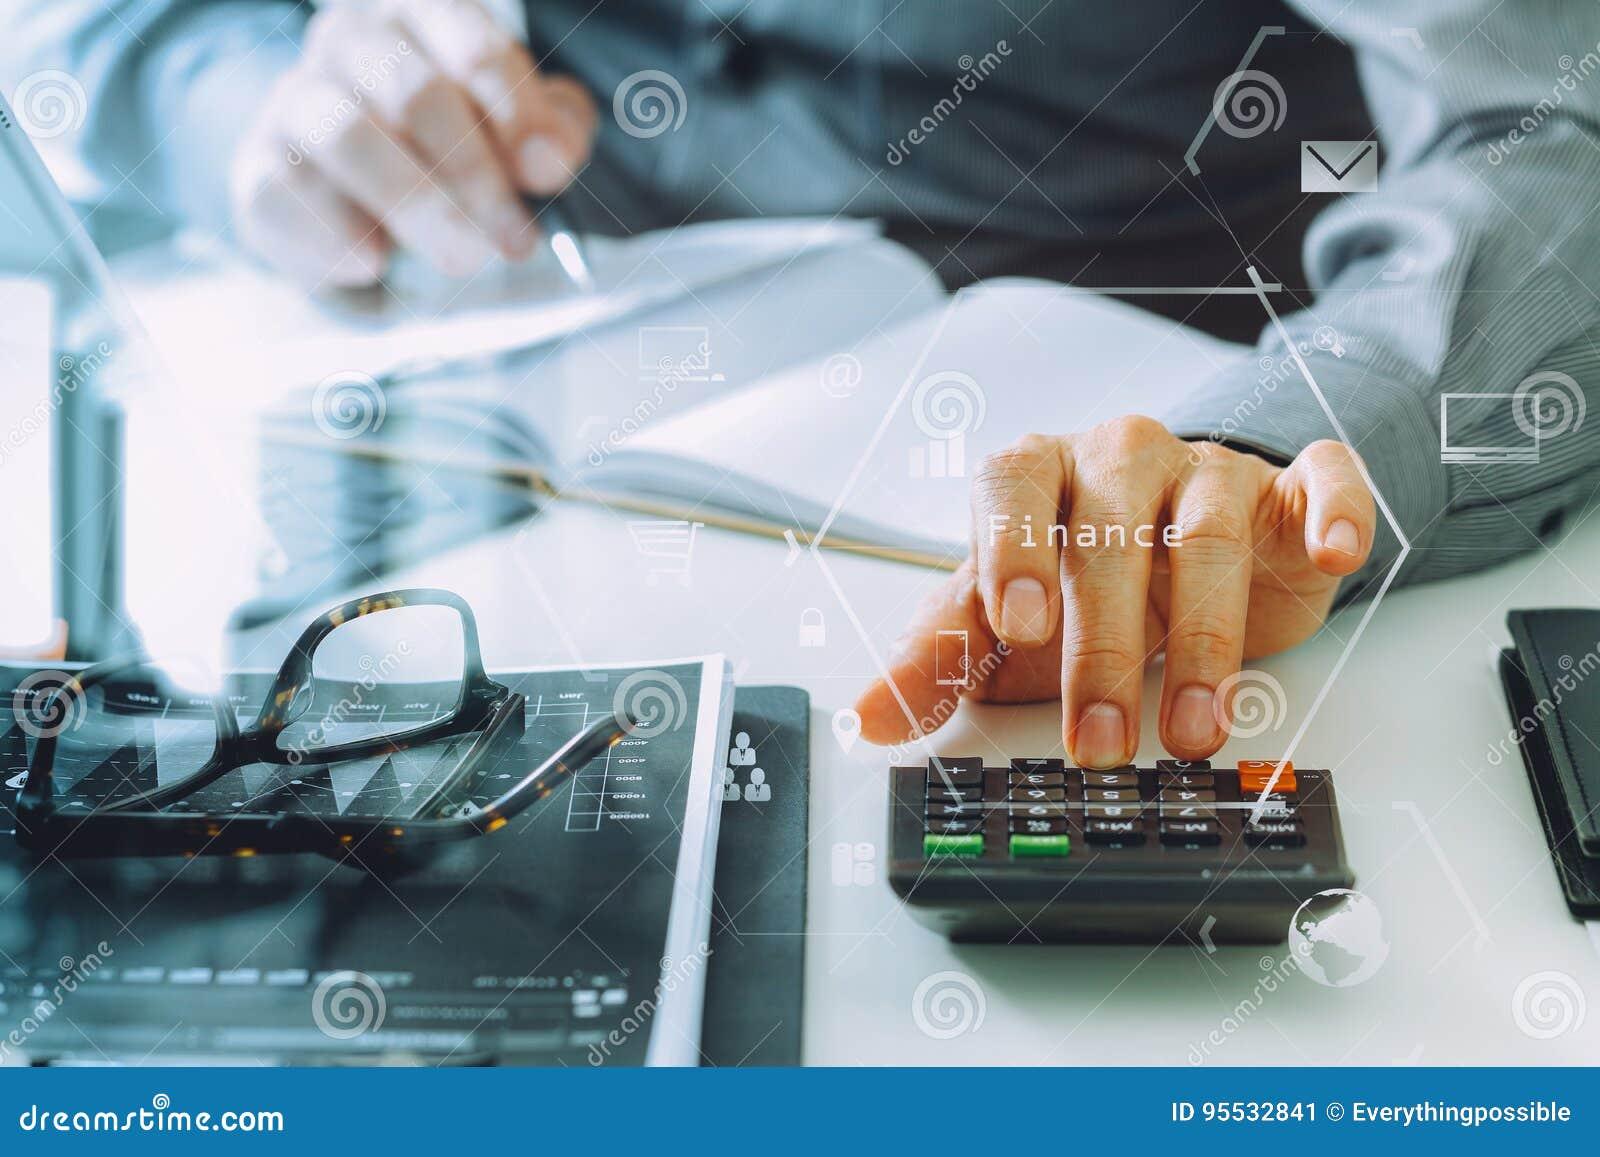 χέρι επιχειρηματιών που λειτουργεί με τους πόρους χρηματοδότησης για το κόστος και τον υπολογιστή